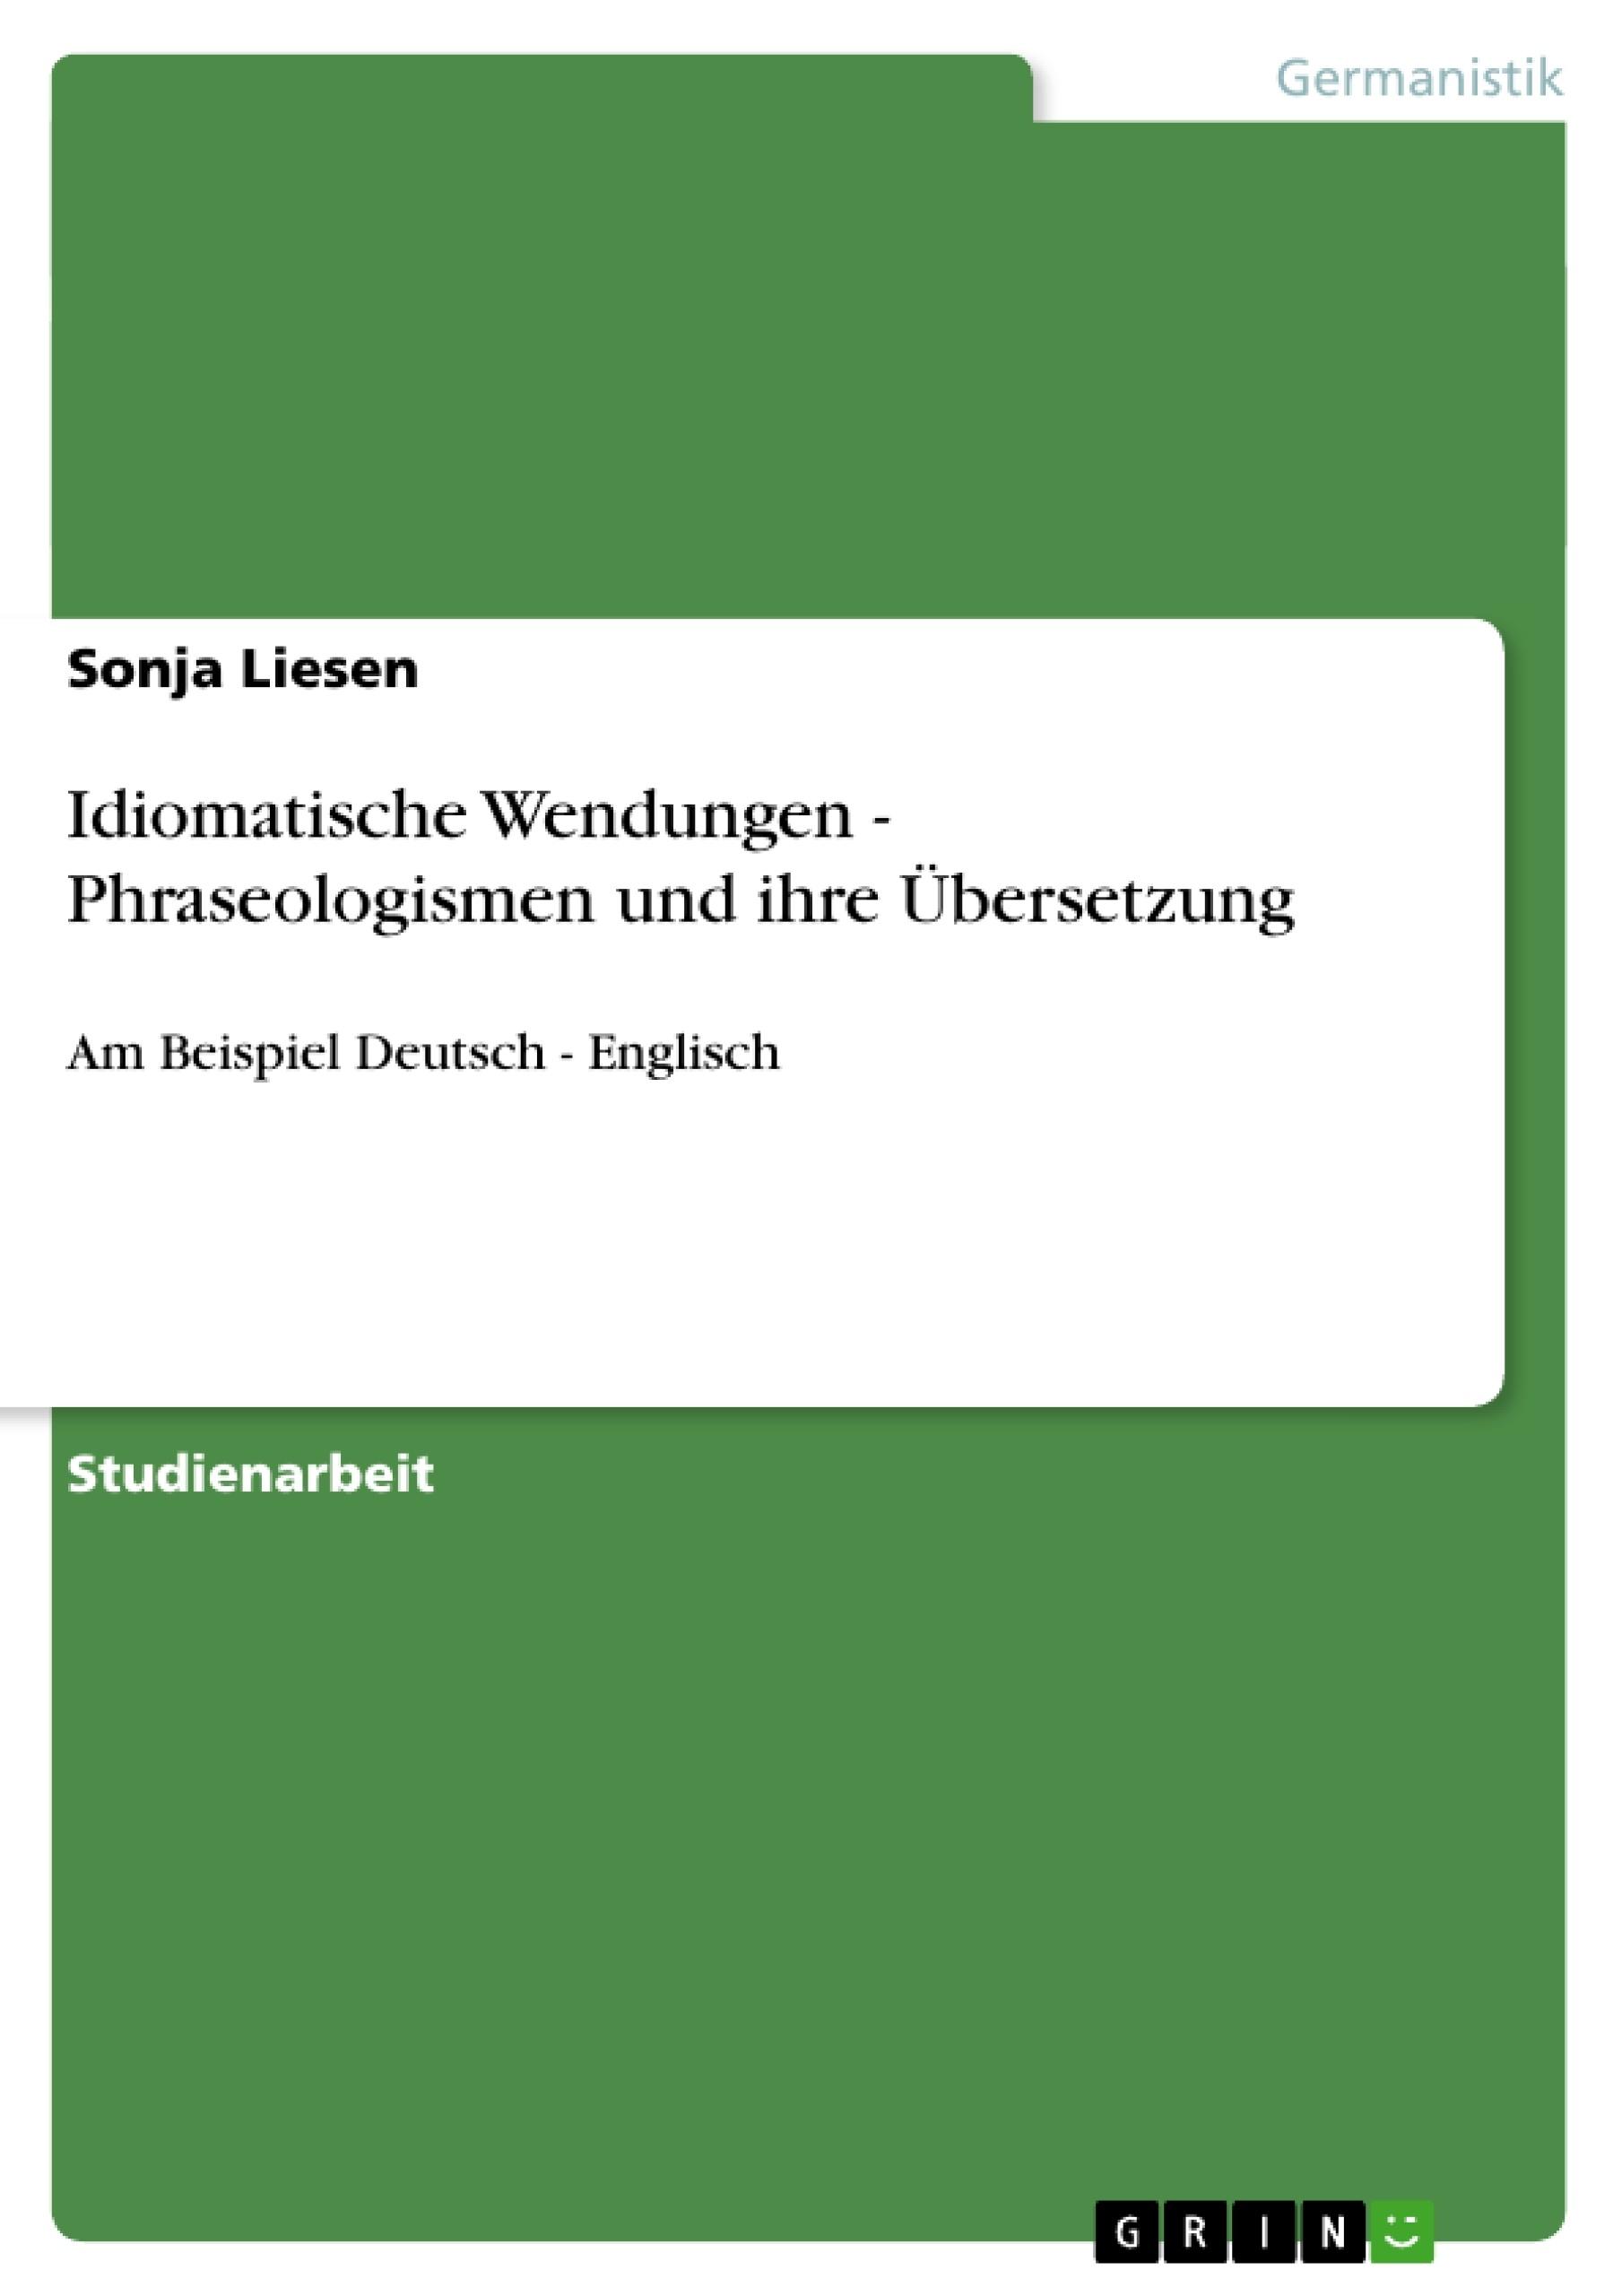 Titel: Idiomatische Wendungen - Phraseologismen und ihre Übersetzung